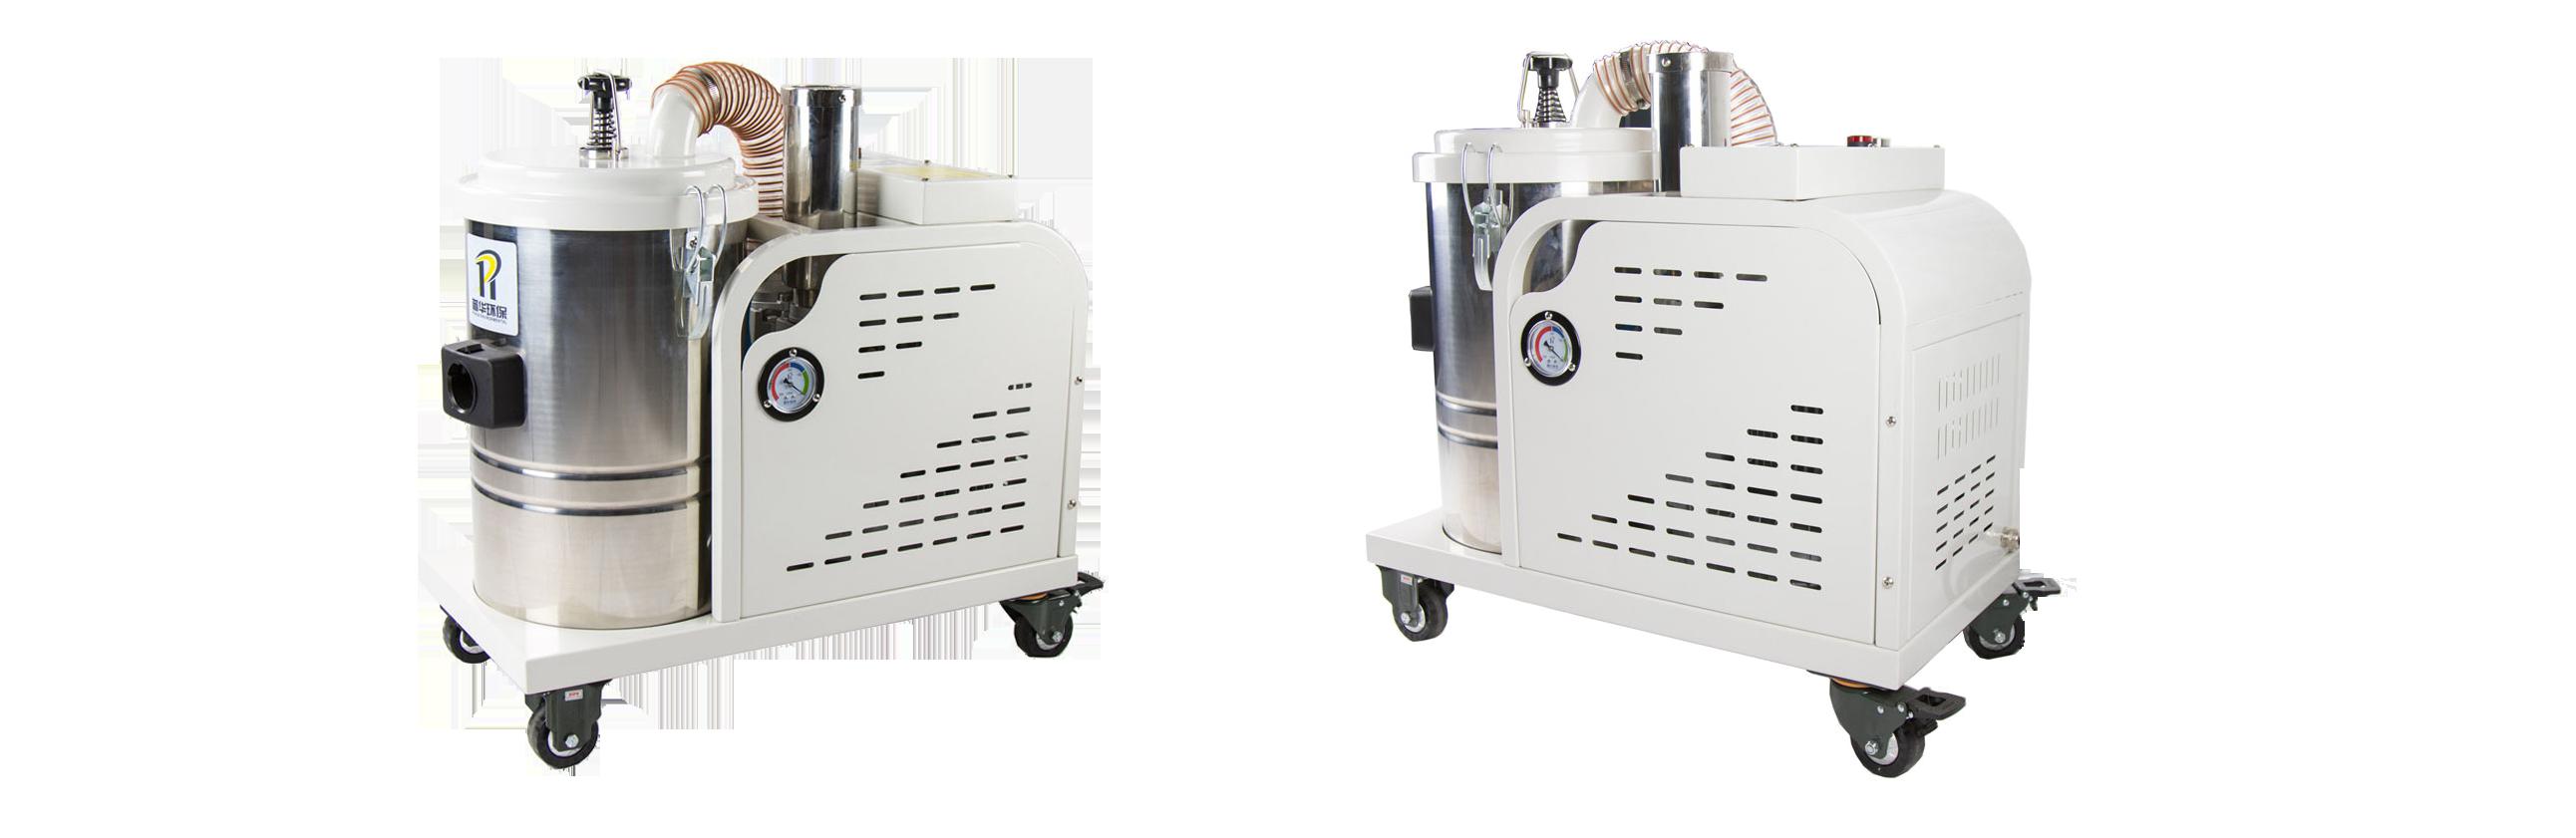 成都勁邦PSB-series緊湊型工業吸塵器